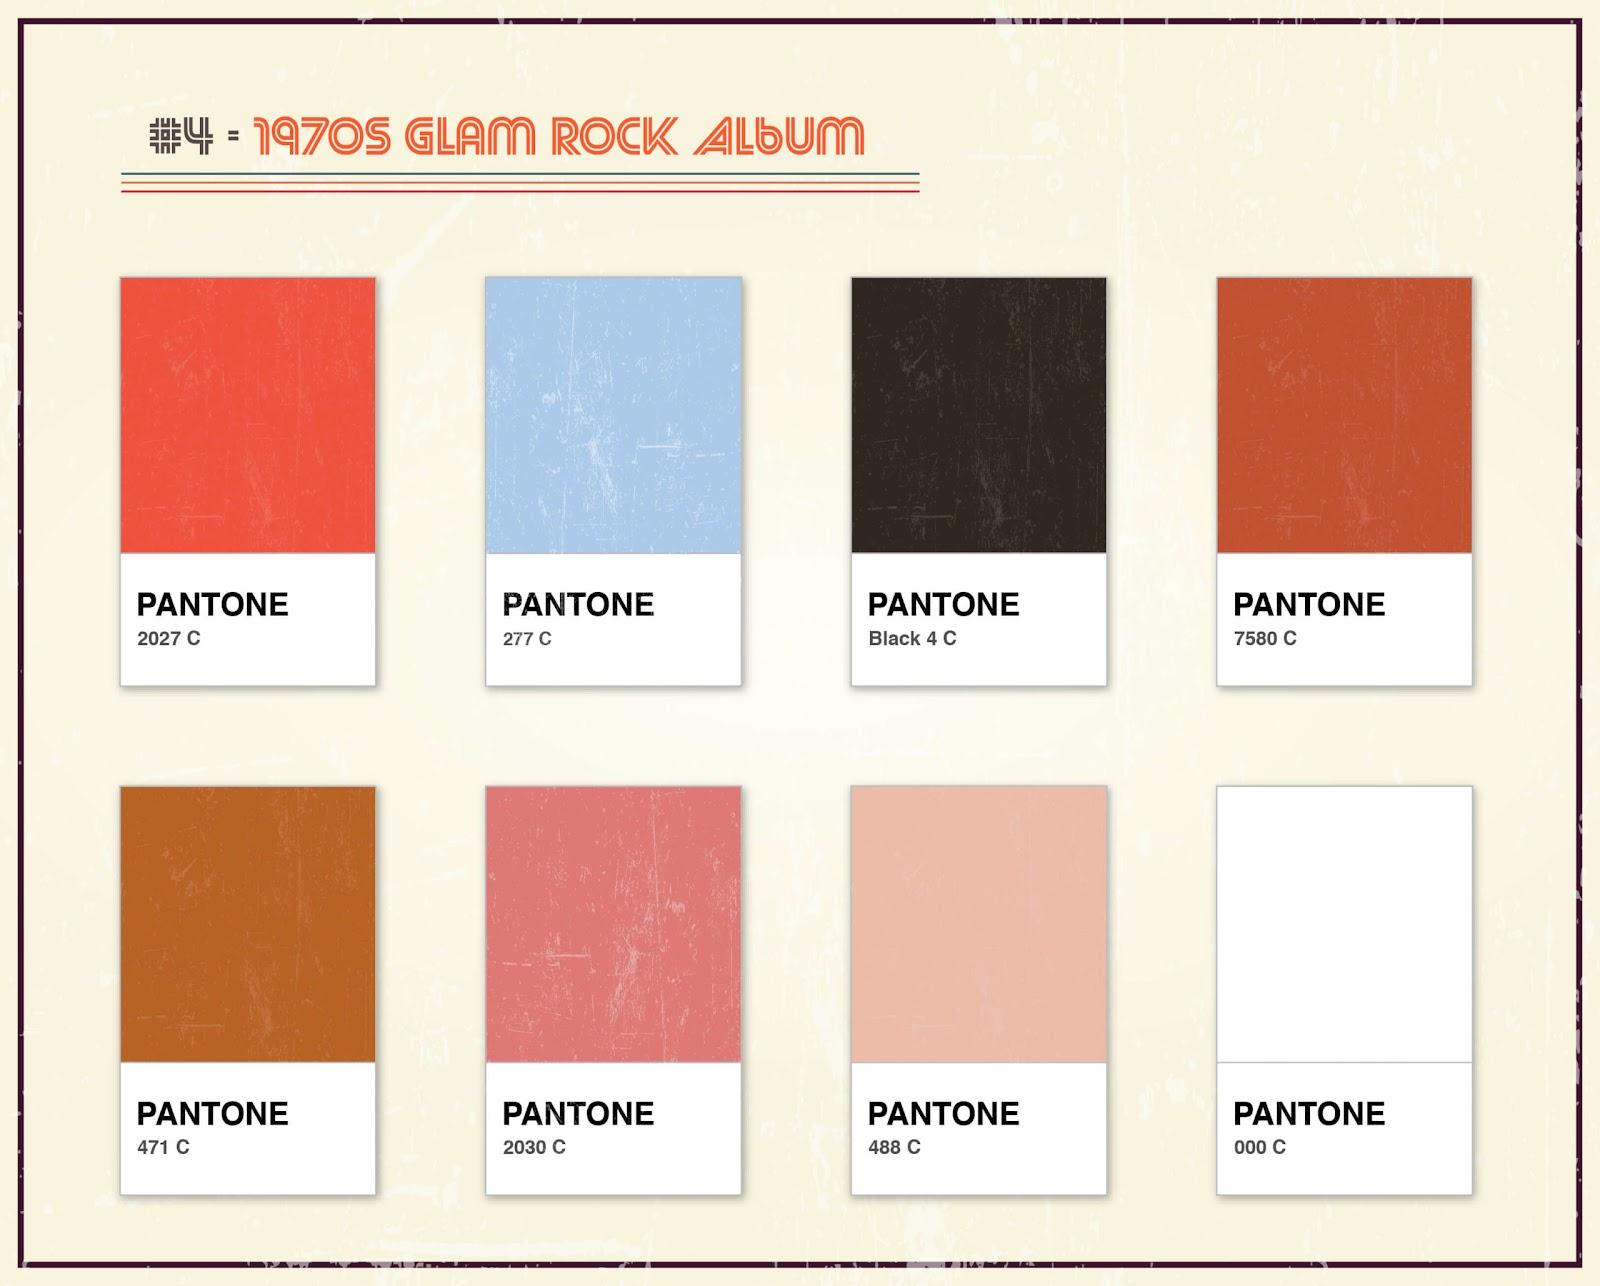 Album Artwork As Pantone: Famous Album Covers Without Text Quiz_4